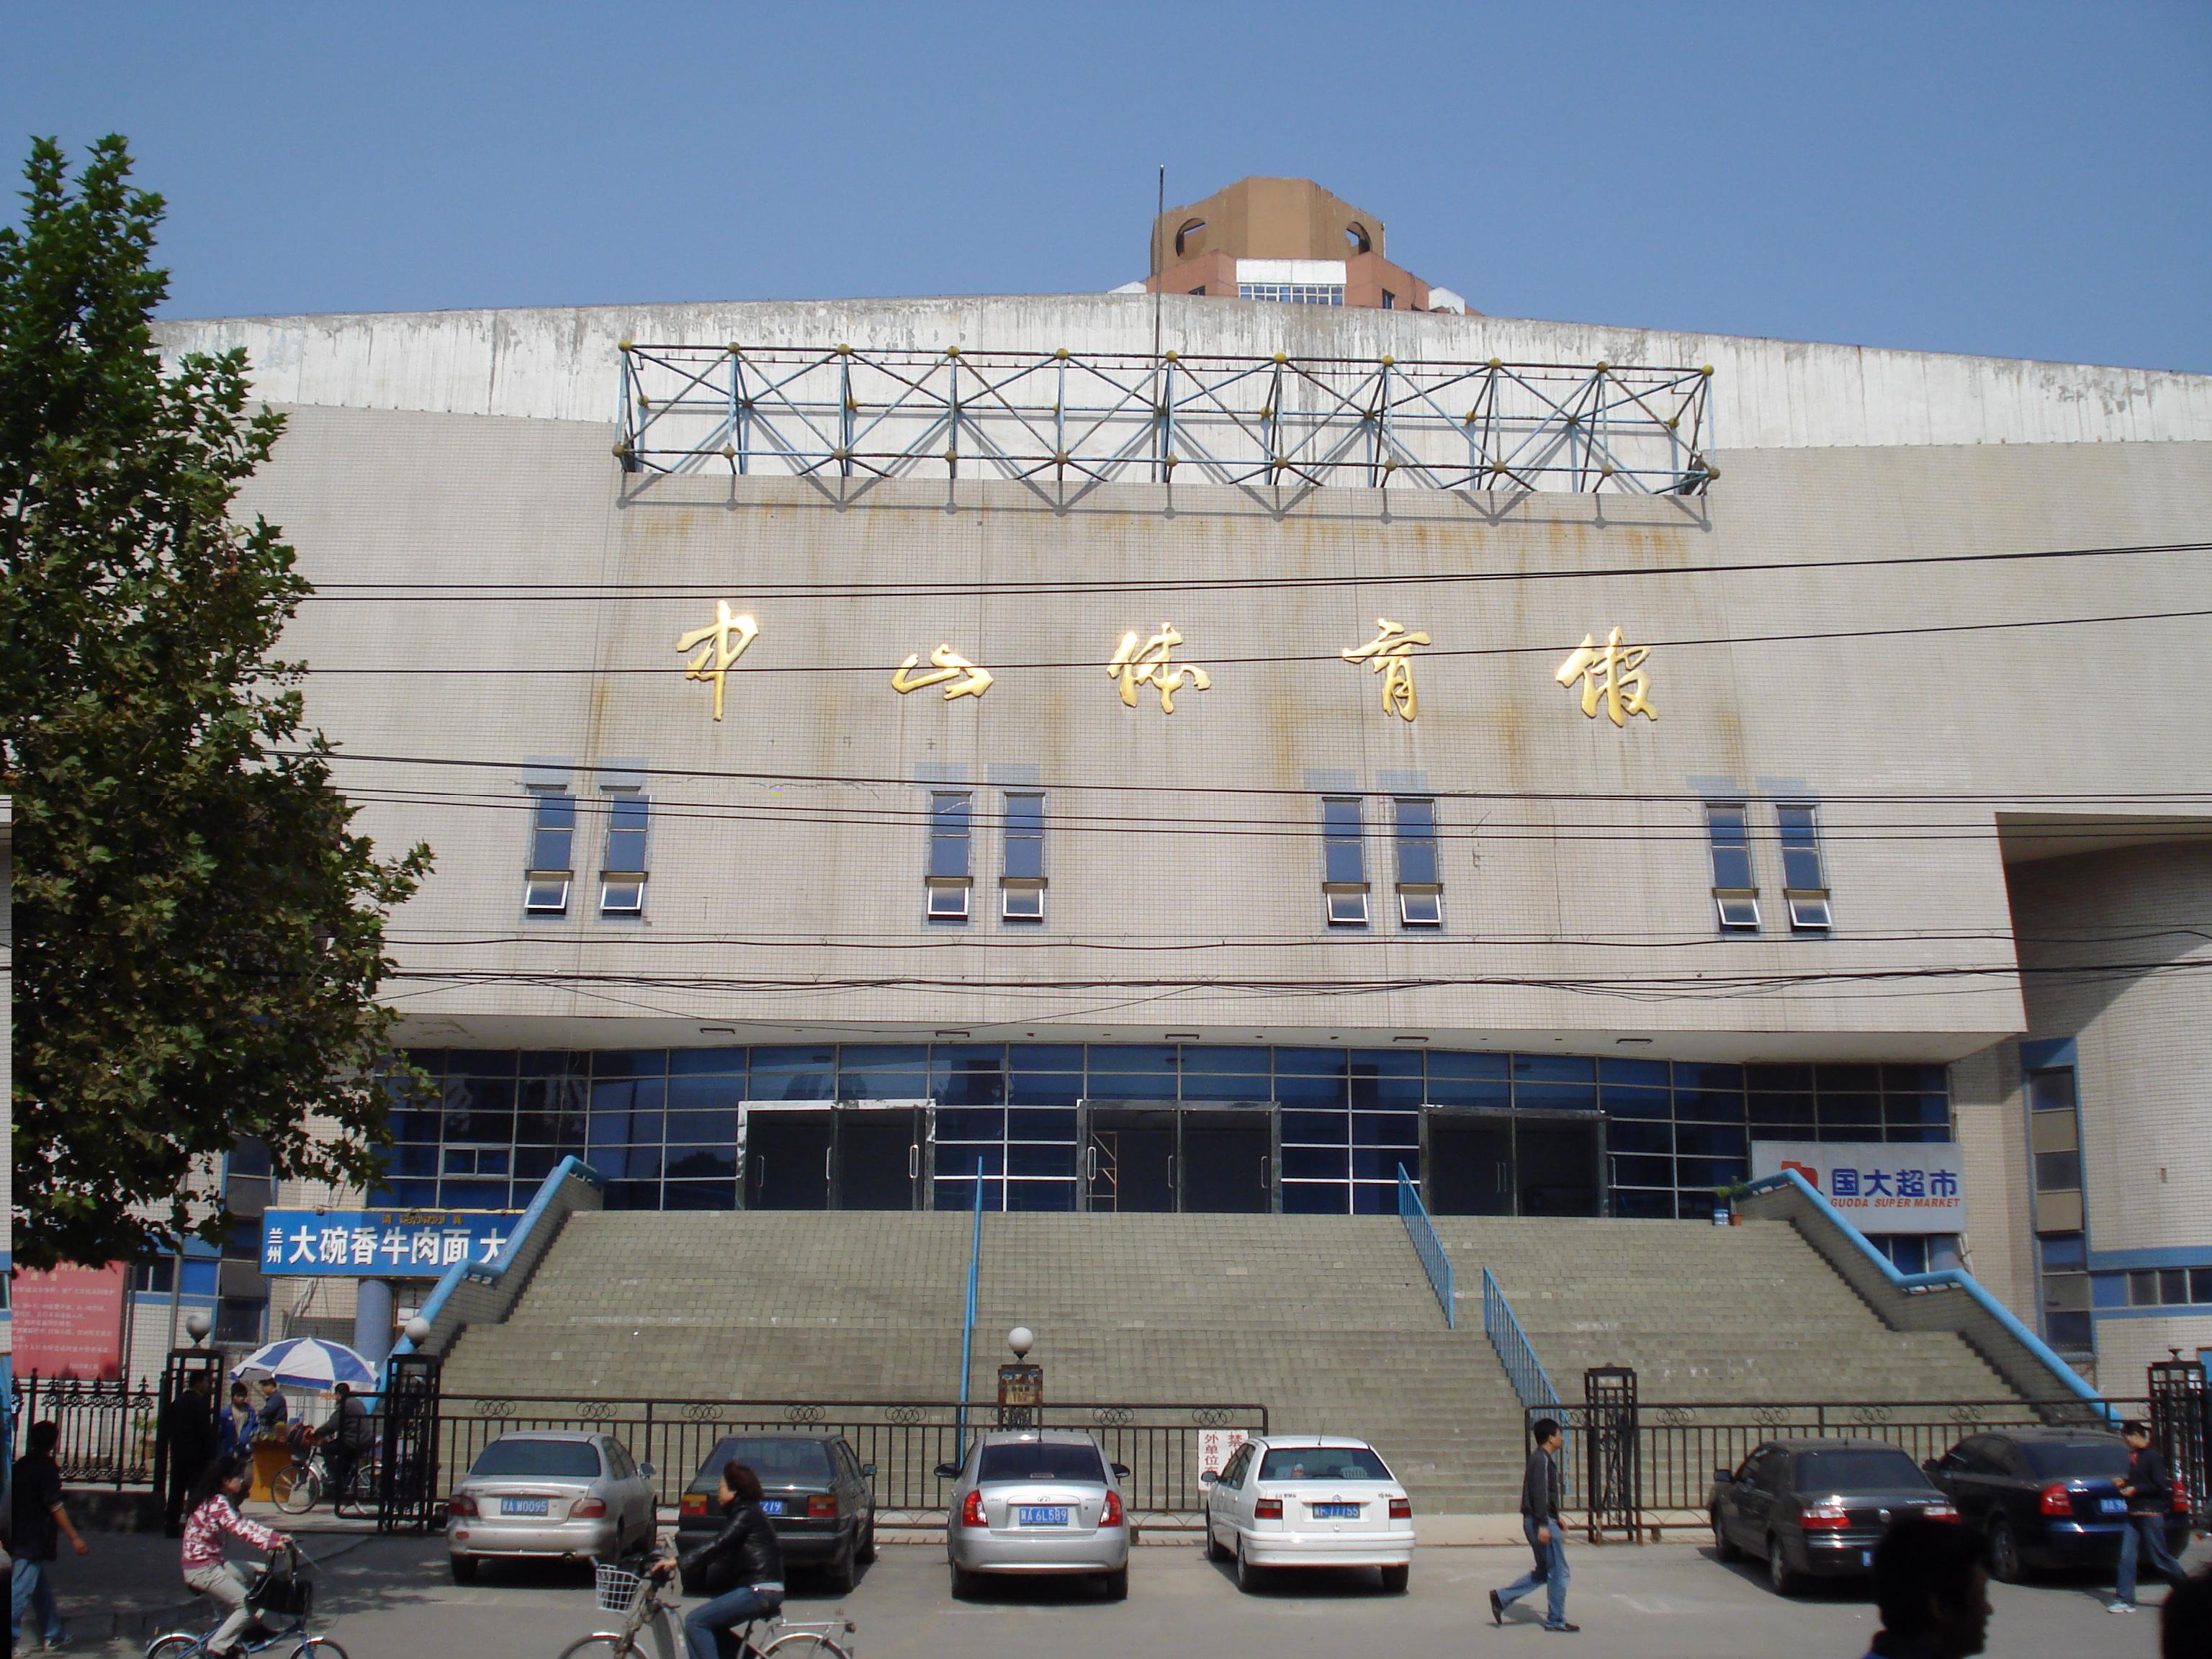 Shijiazhuang zhongshan stadium